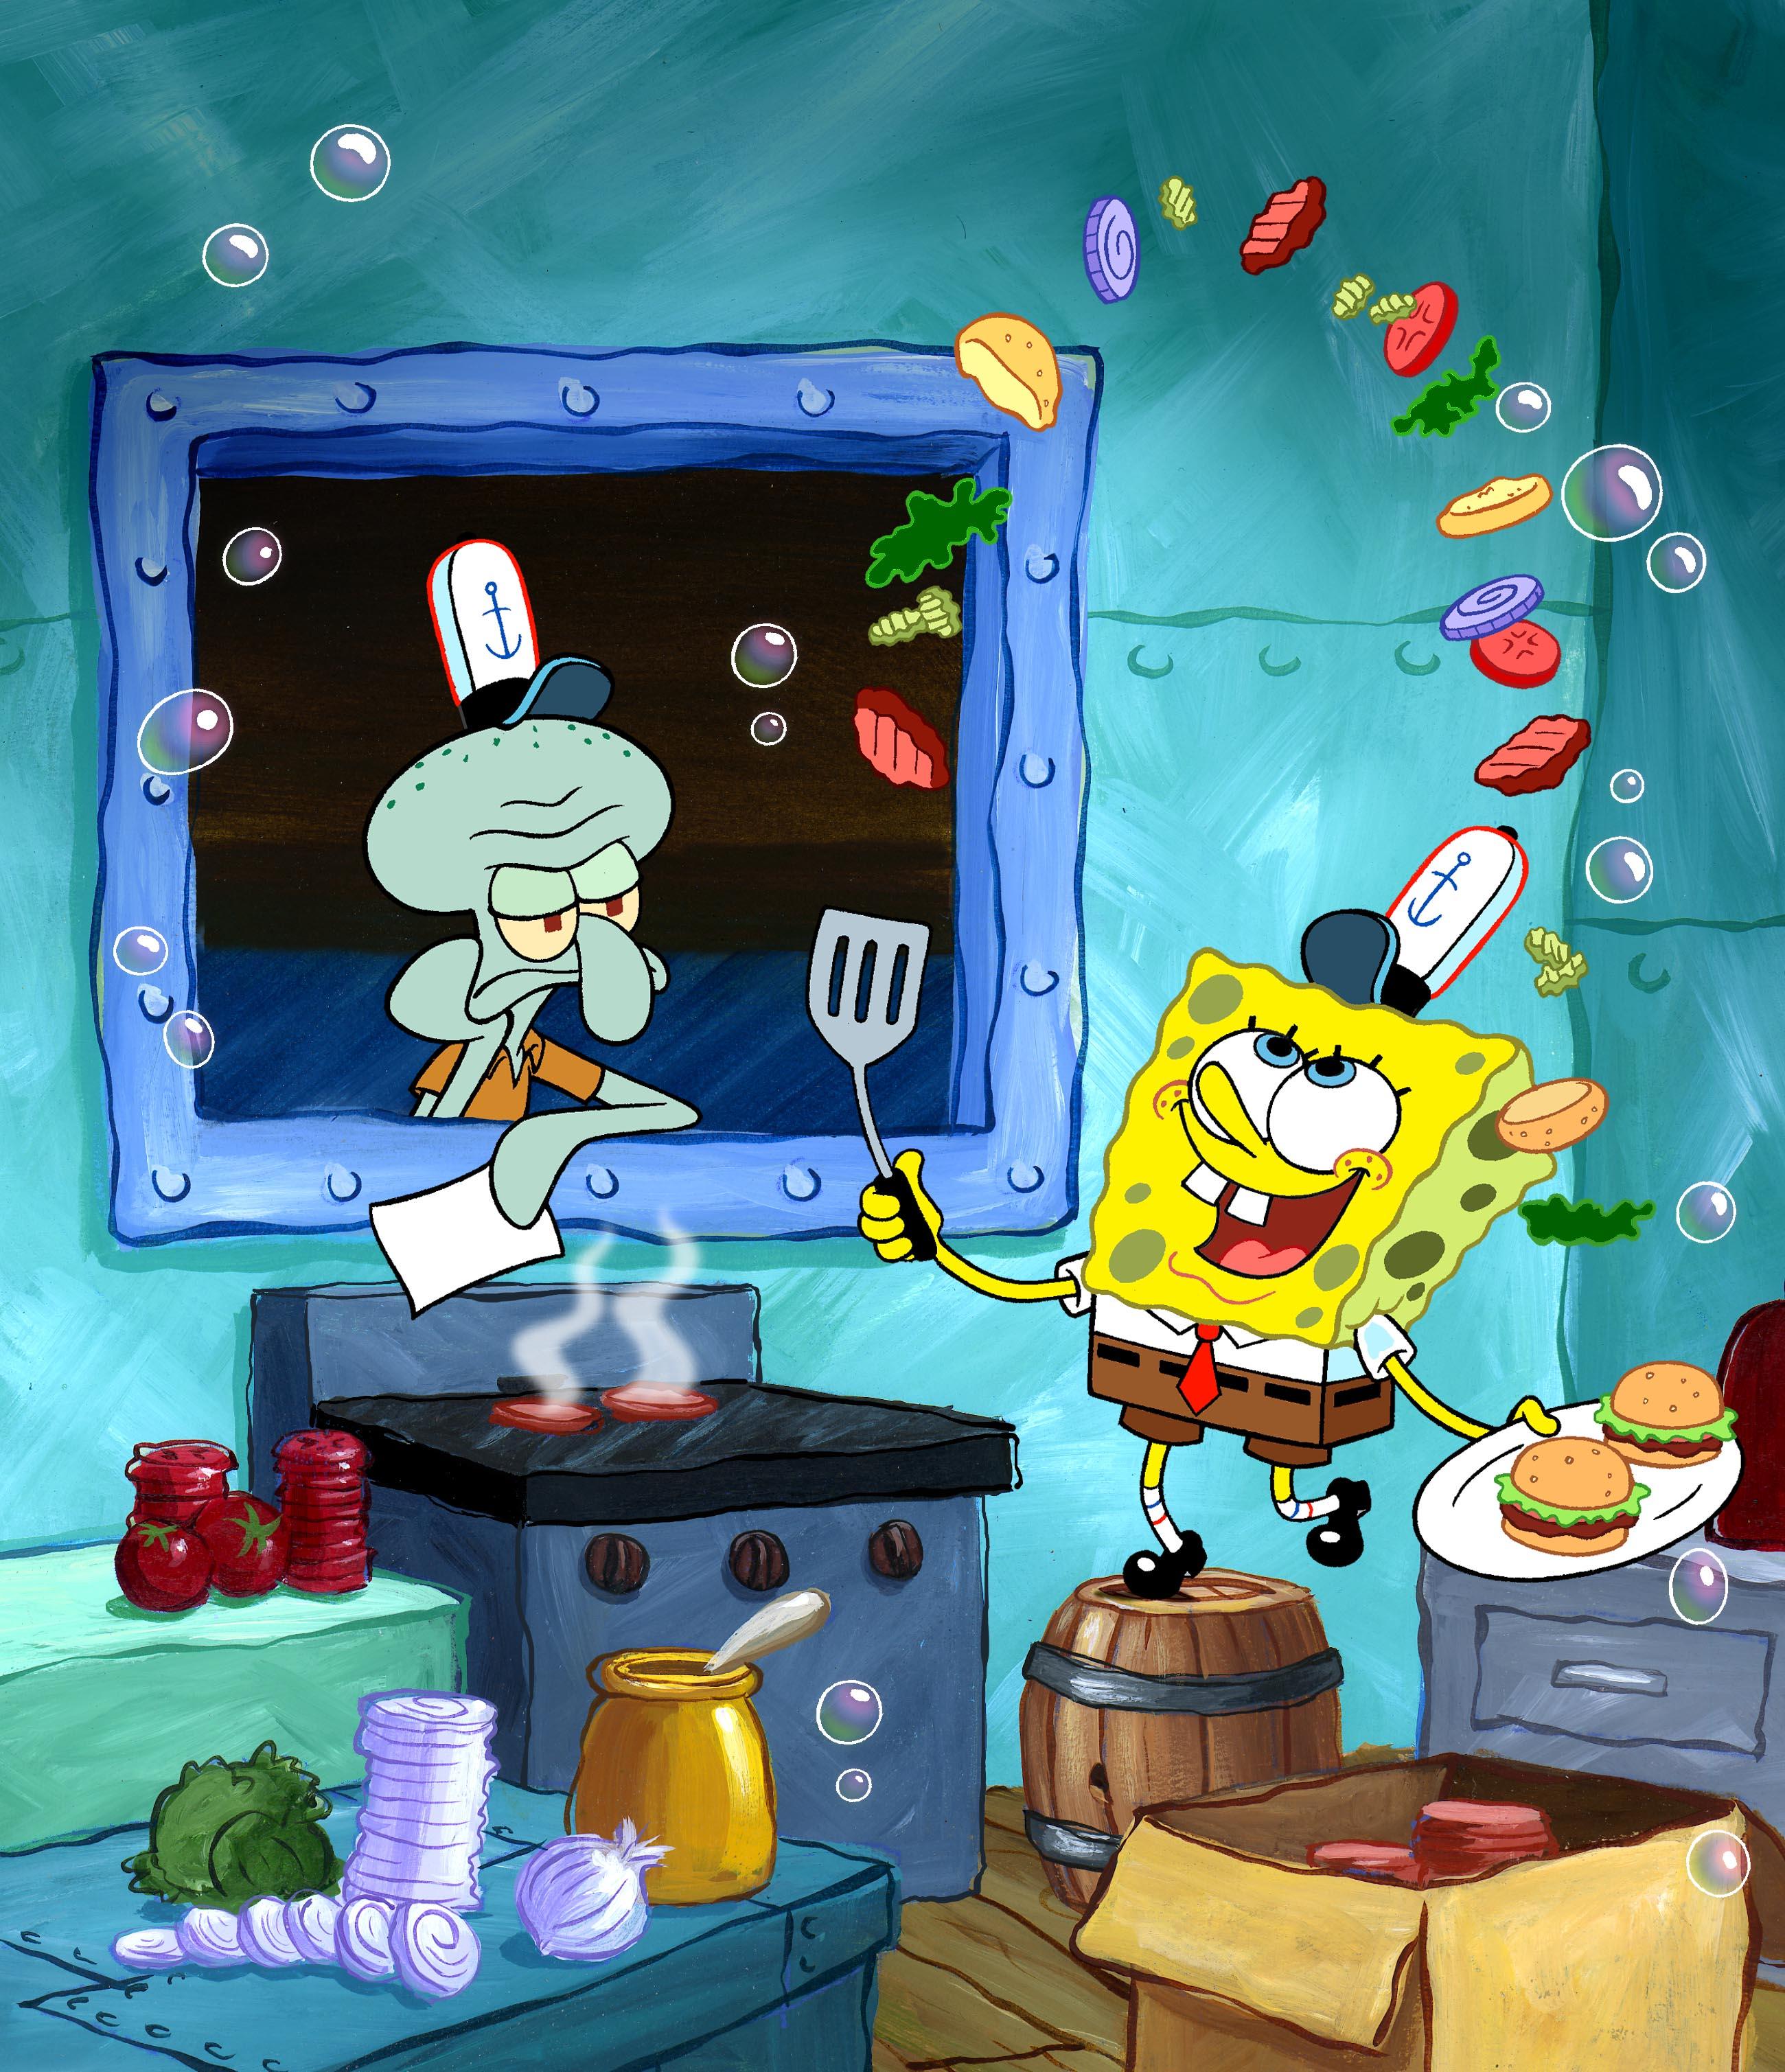 http://fc05.deviantart.net/fs51/f/2009/314/5/e/SpongeBob_Flippin_Patties_by_shermcohen.jpg